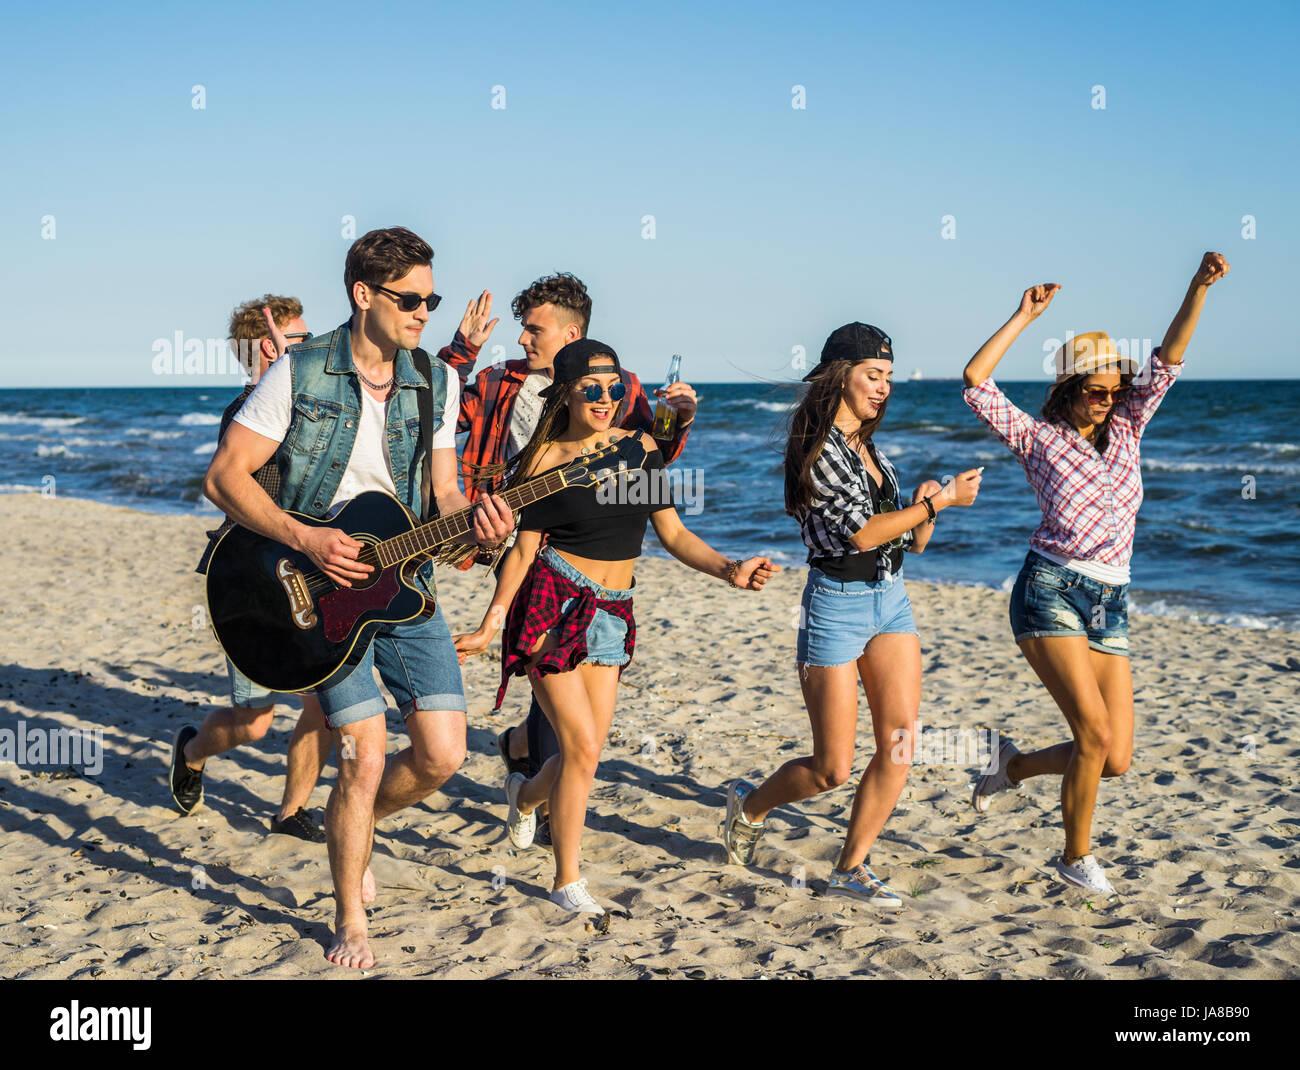 Mann, die Gitarre zu spielen, am Strand und seine Freunde tanzen um ihn herum Stockbild